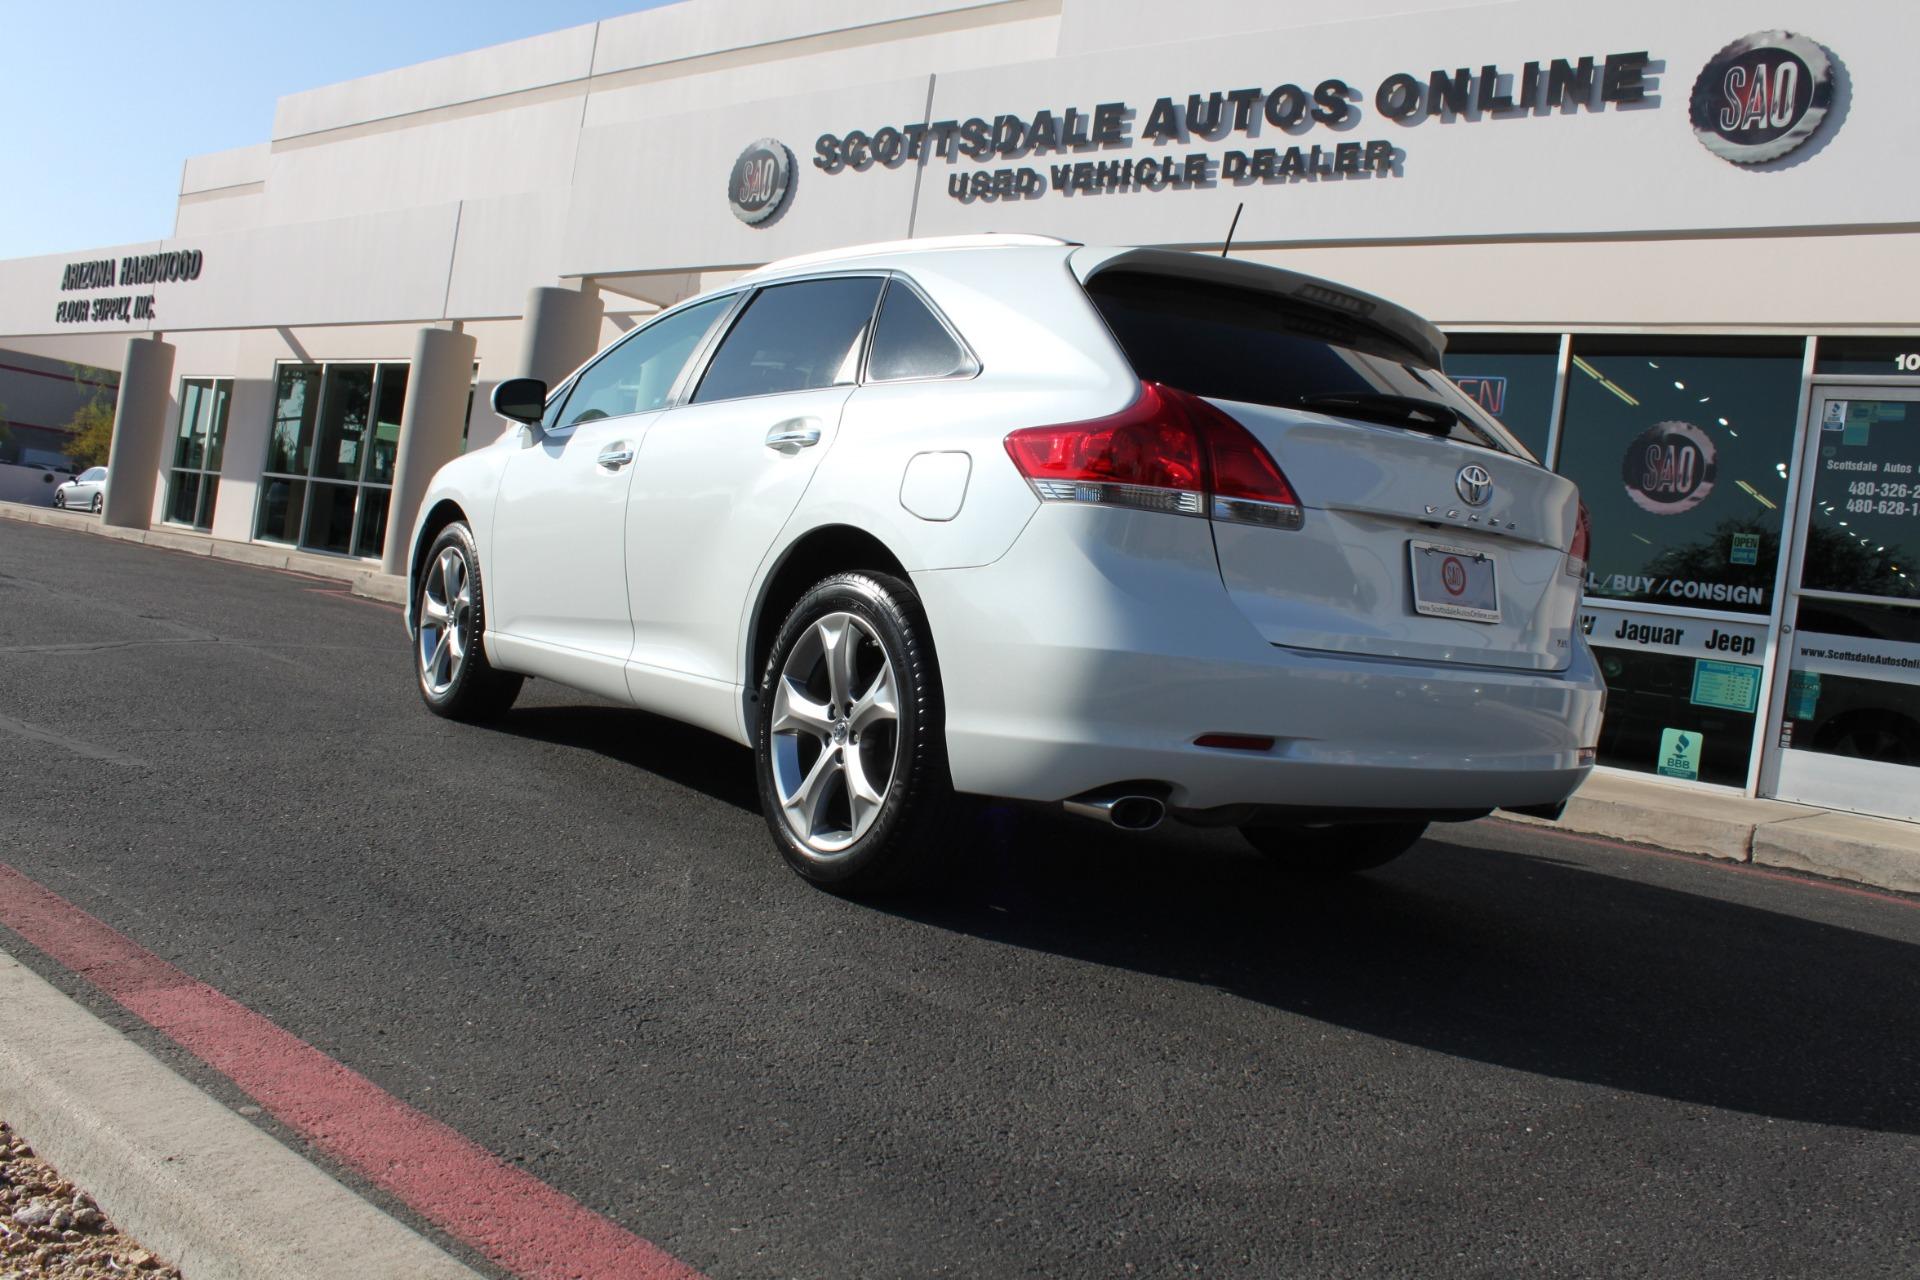 Used-2012-Toyota-Venza-XLE-Lexus